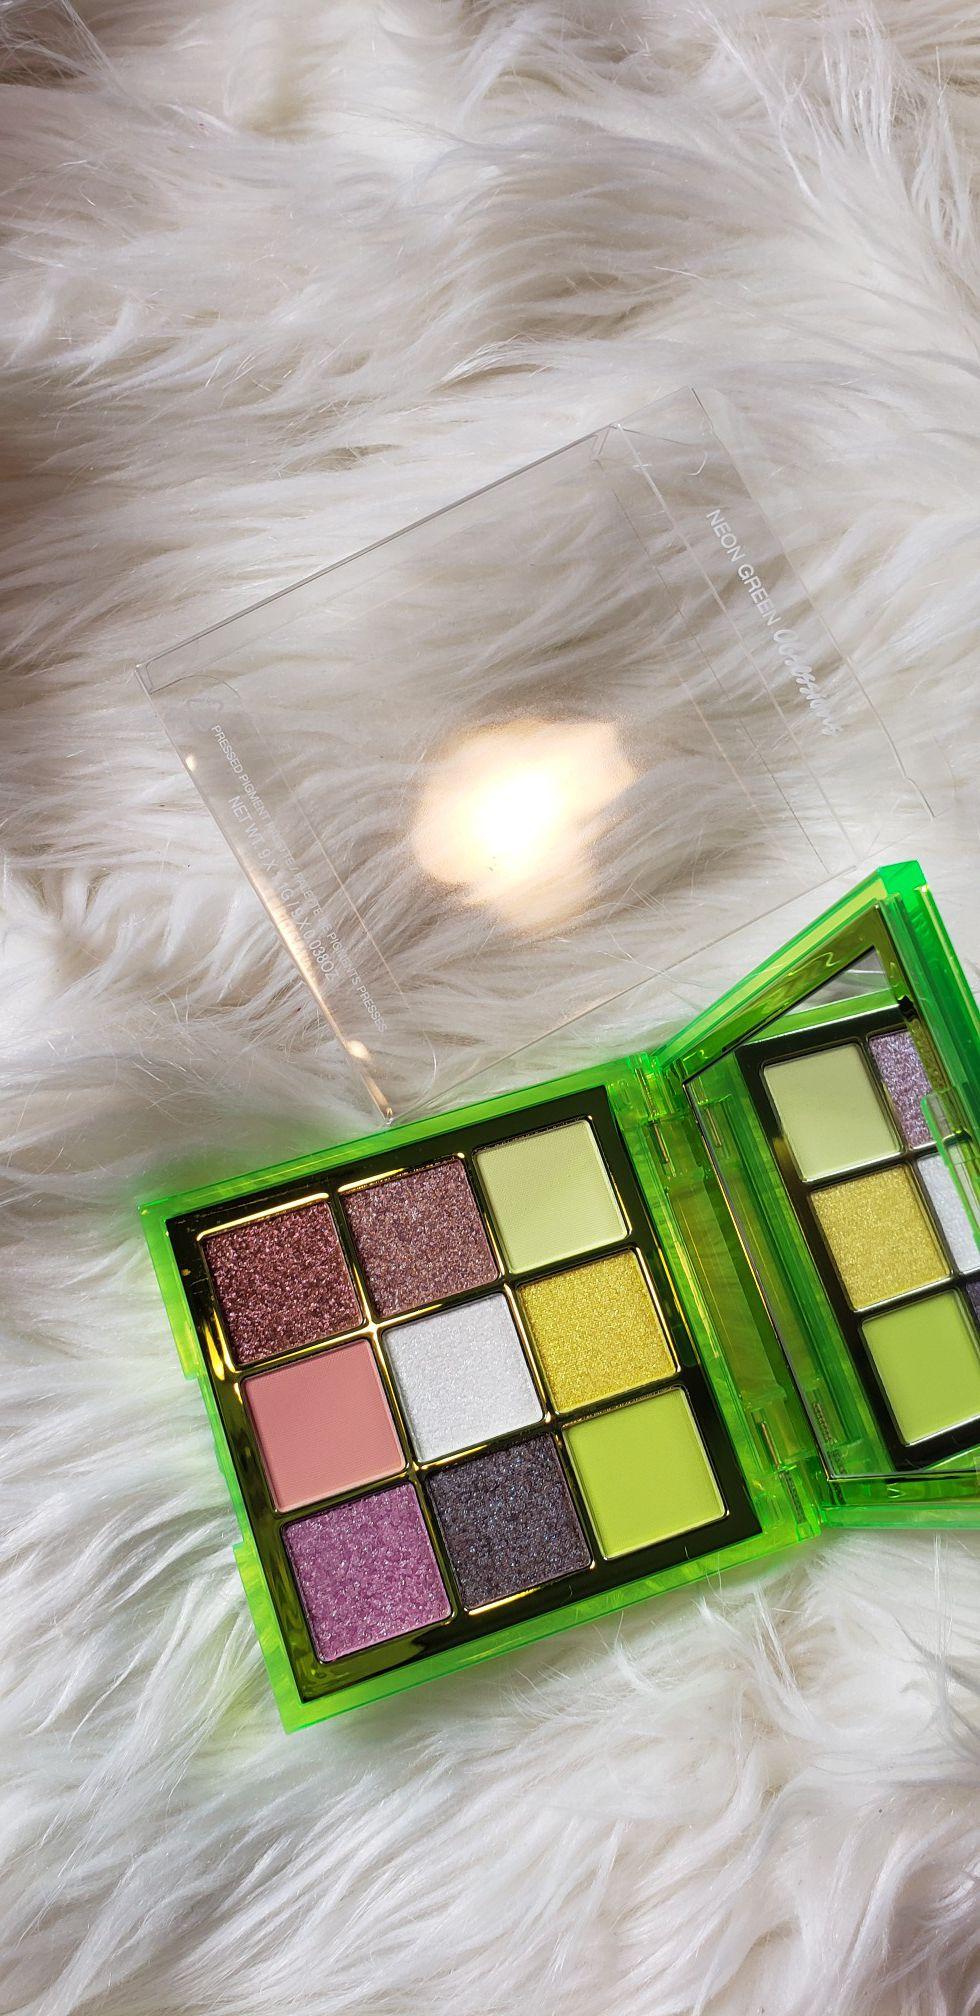 Huda neon green palette